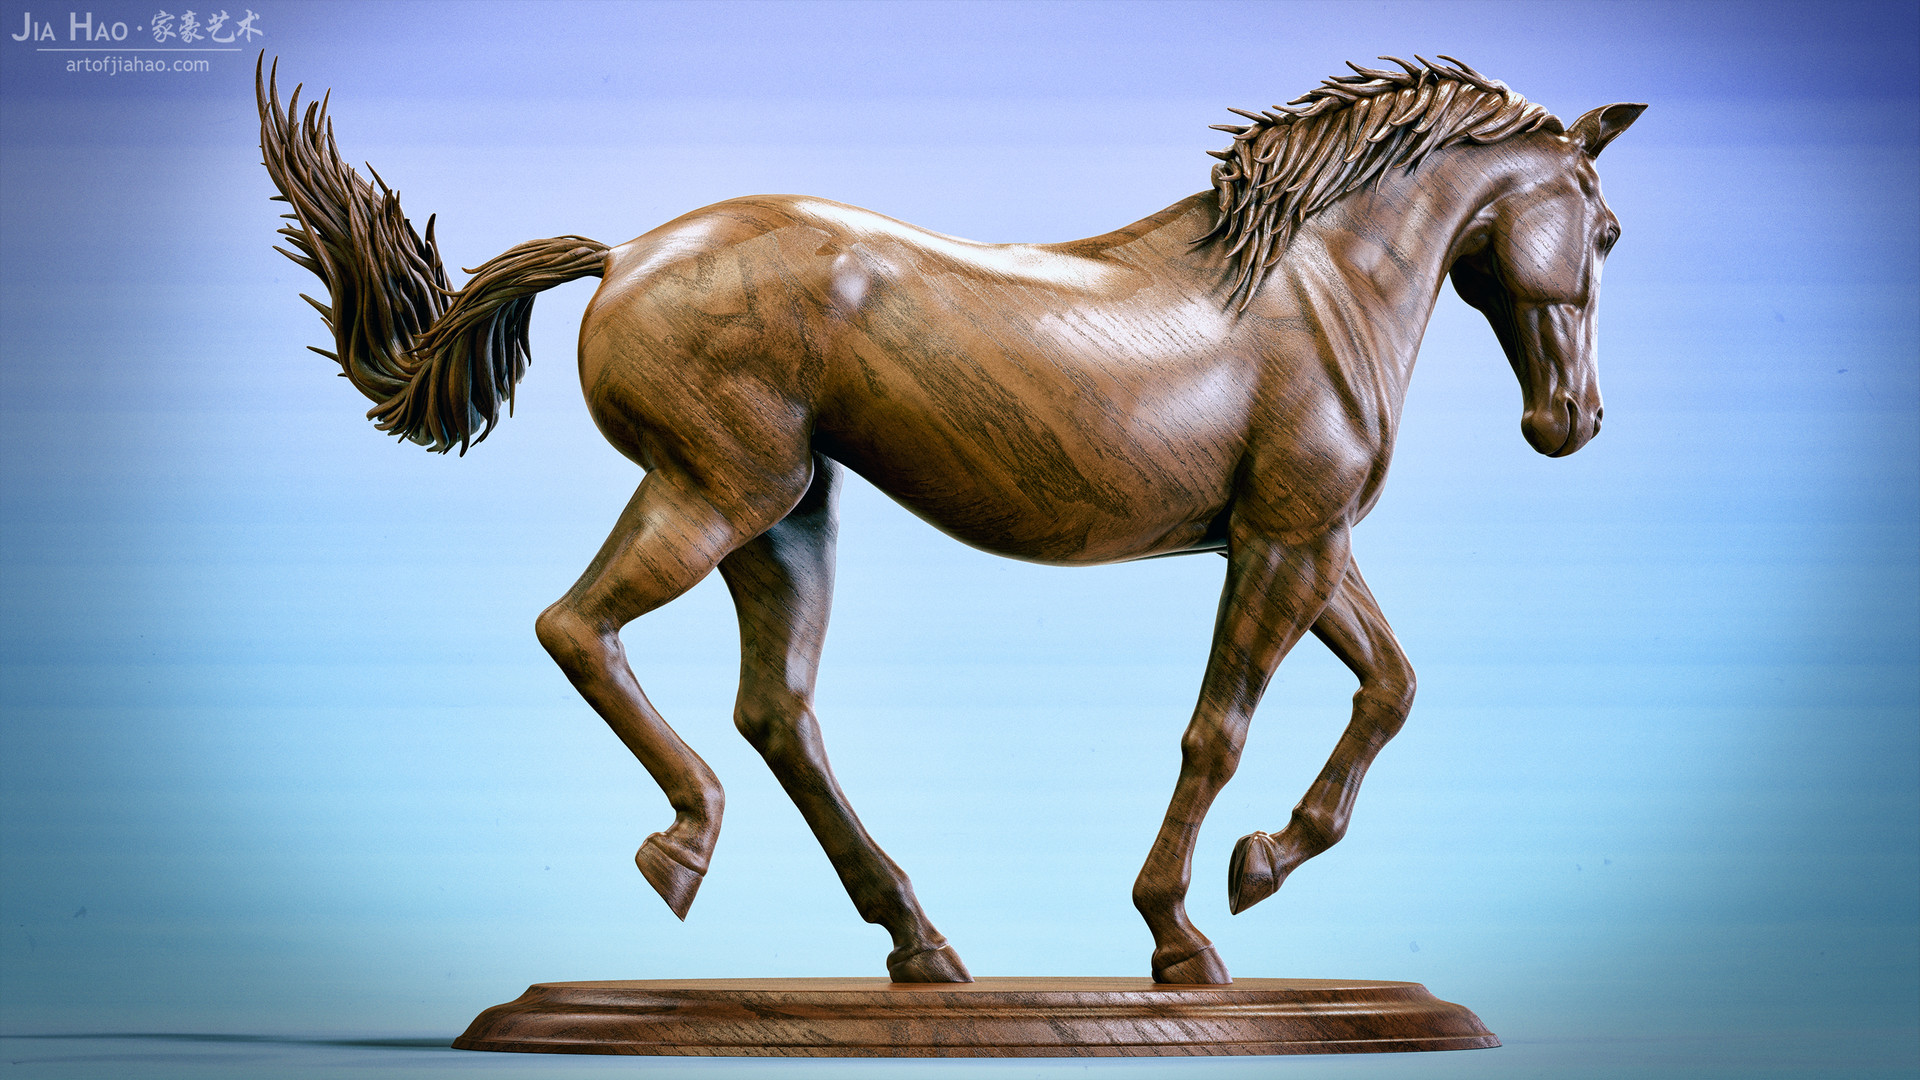 Jia hao horse sculpture comp wood 05